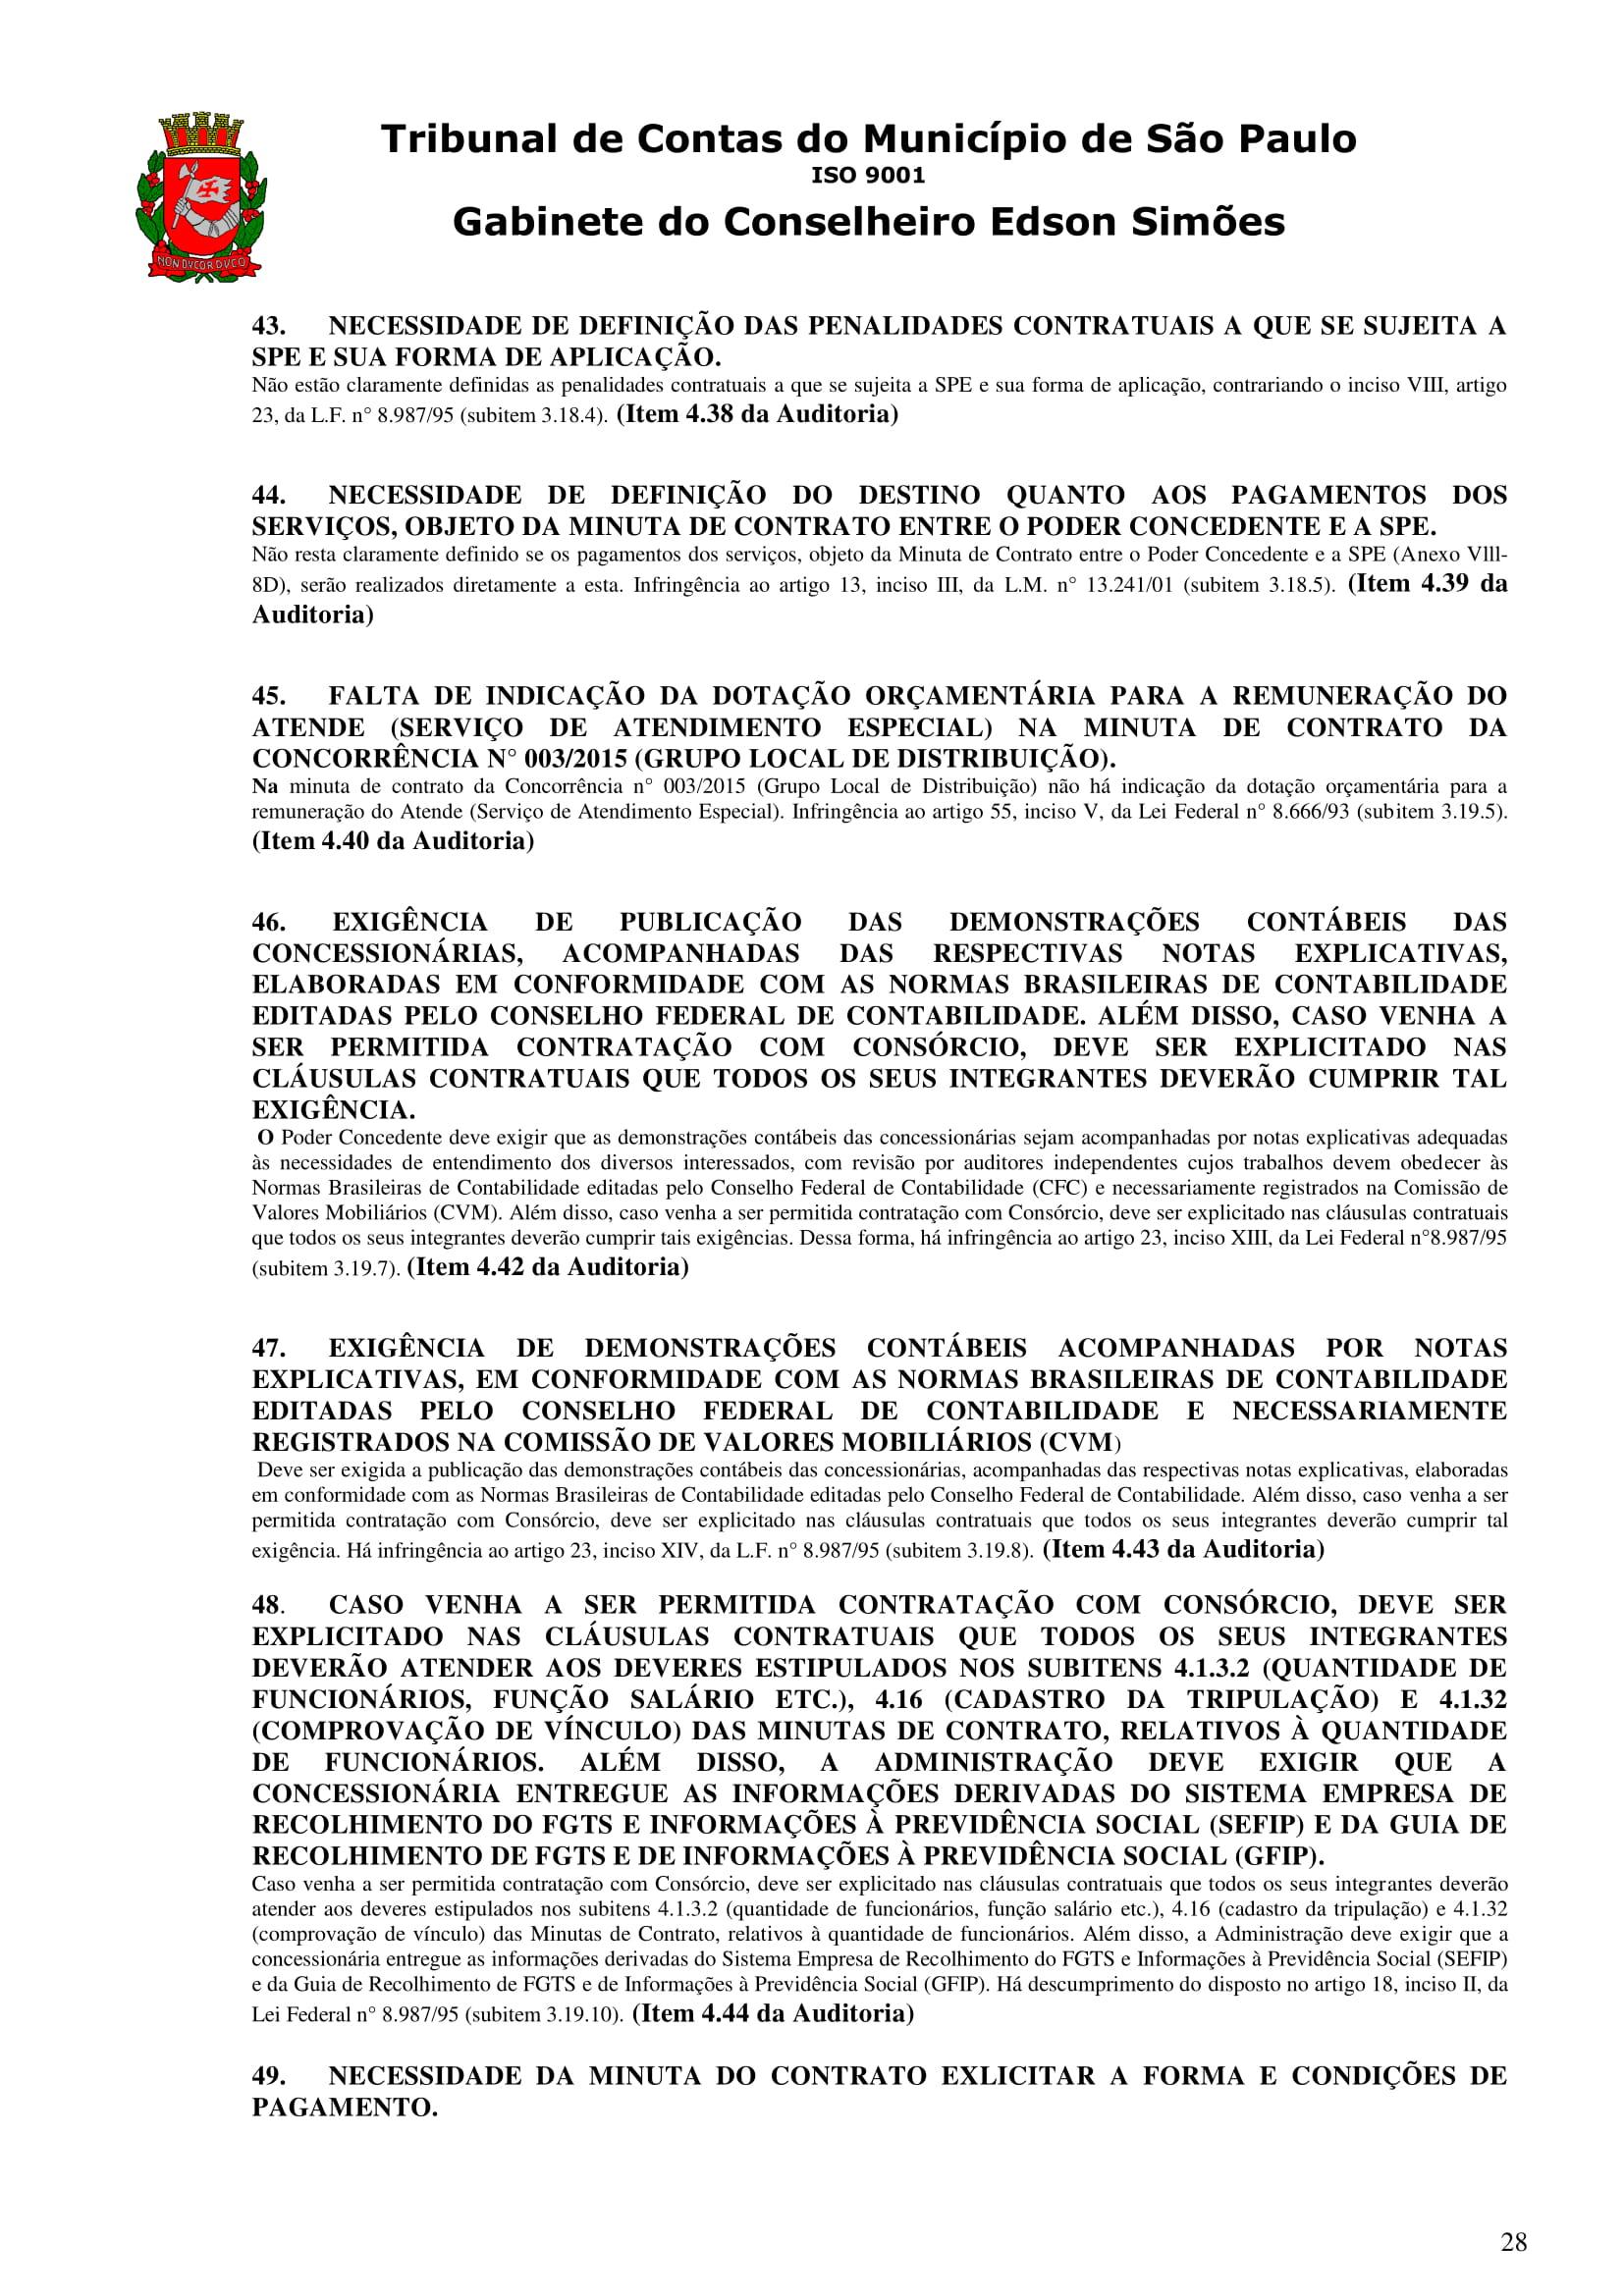 ofício-gb-2038-18 (Concessão Ônibus 2018) – SMT 08.08.18 – pdf-28